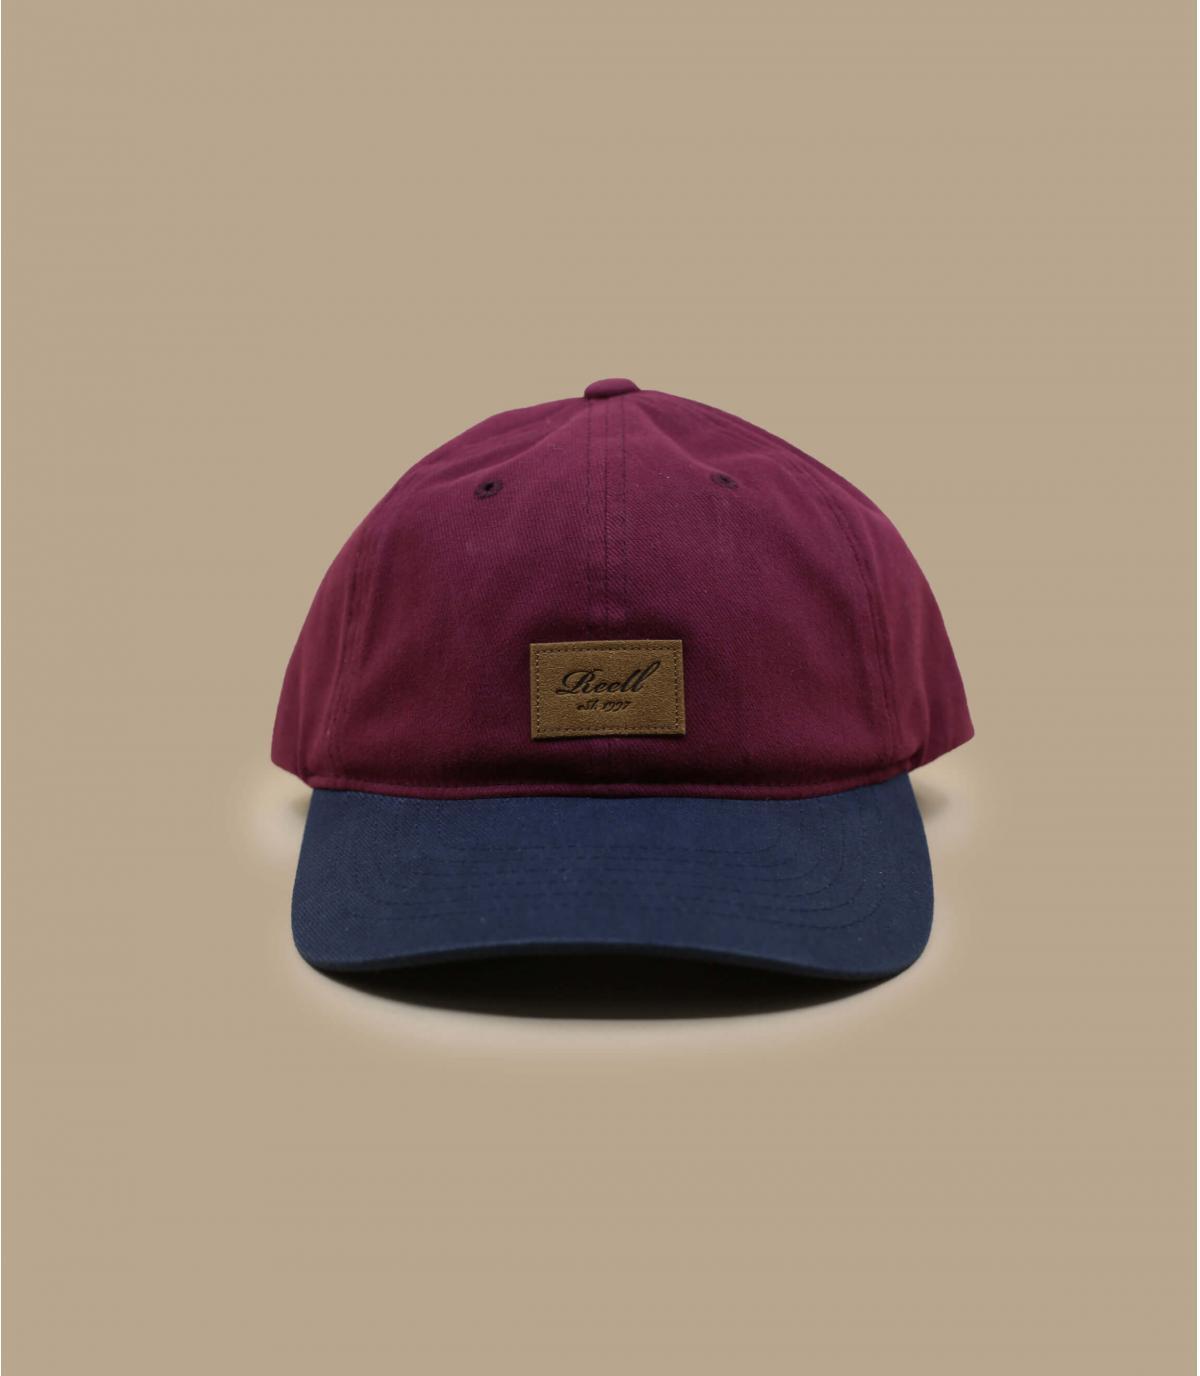 casquette bordeaux bleu Reell